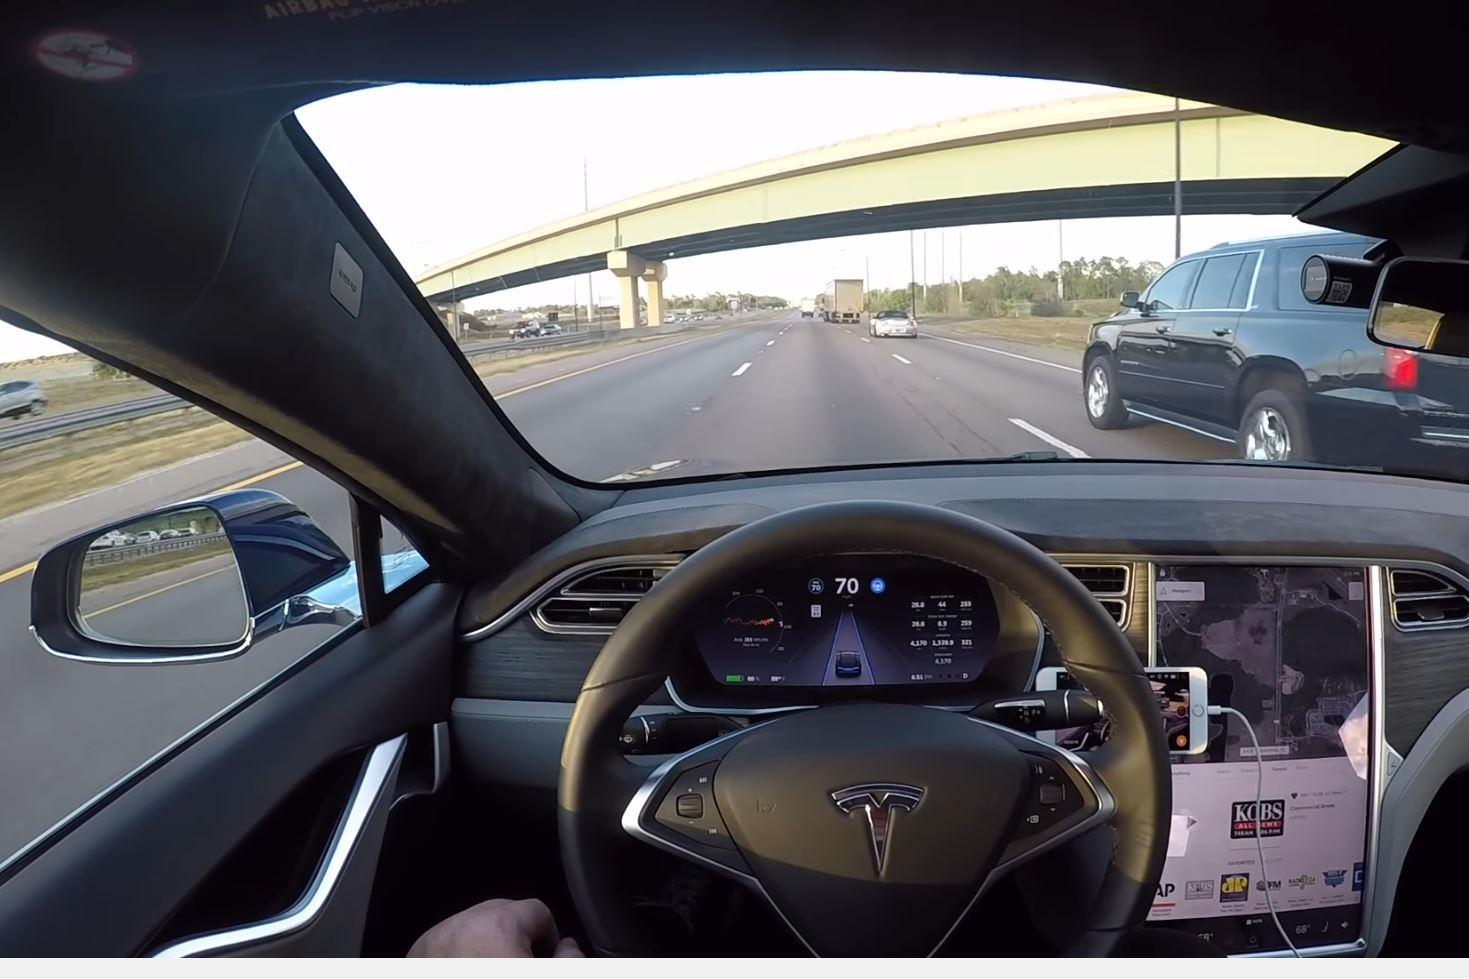 Imagem de Autopilot da Tesla tende a sair da pista em local de acidade fatal [vídeo] no tecmundo